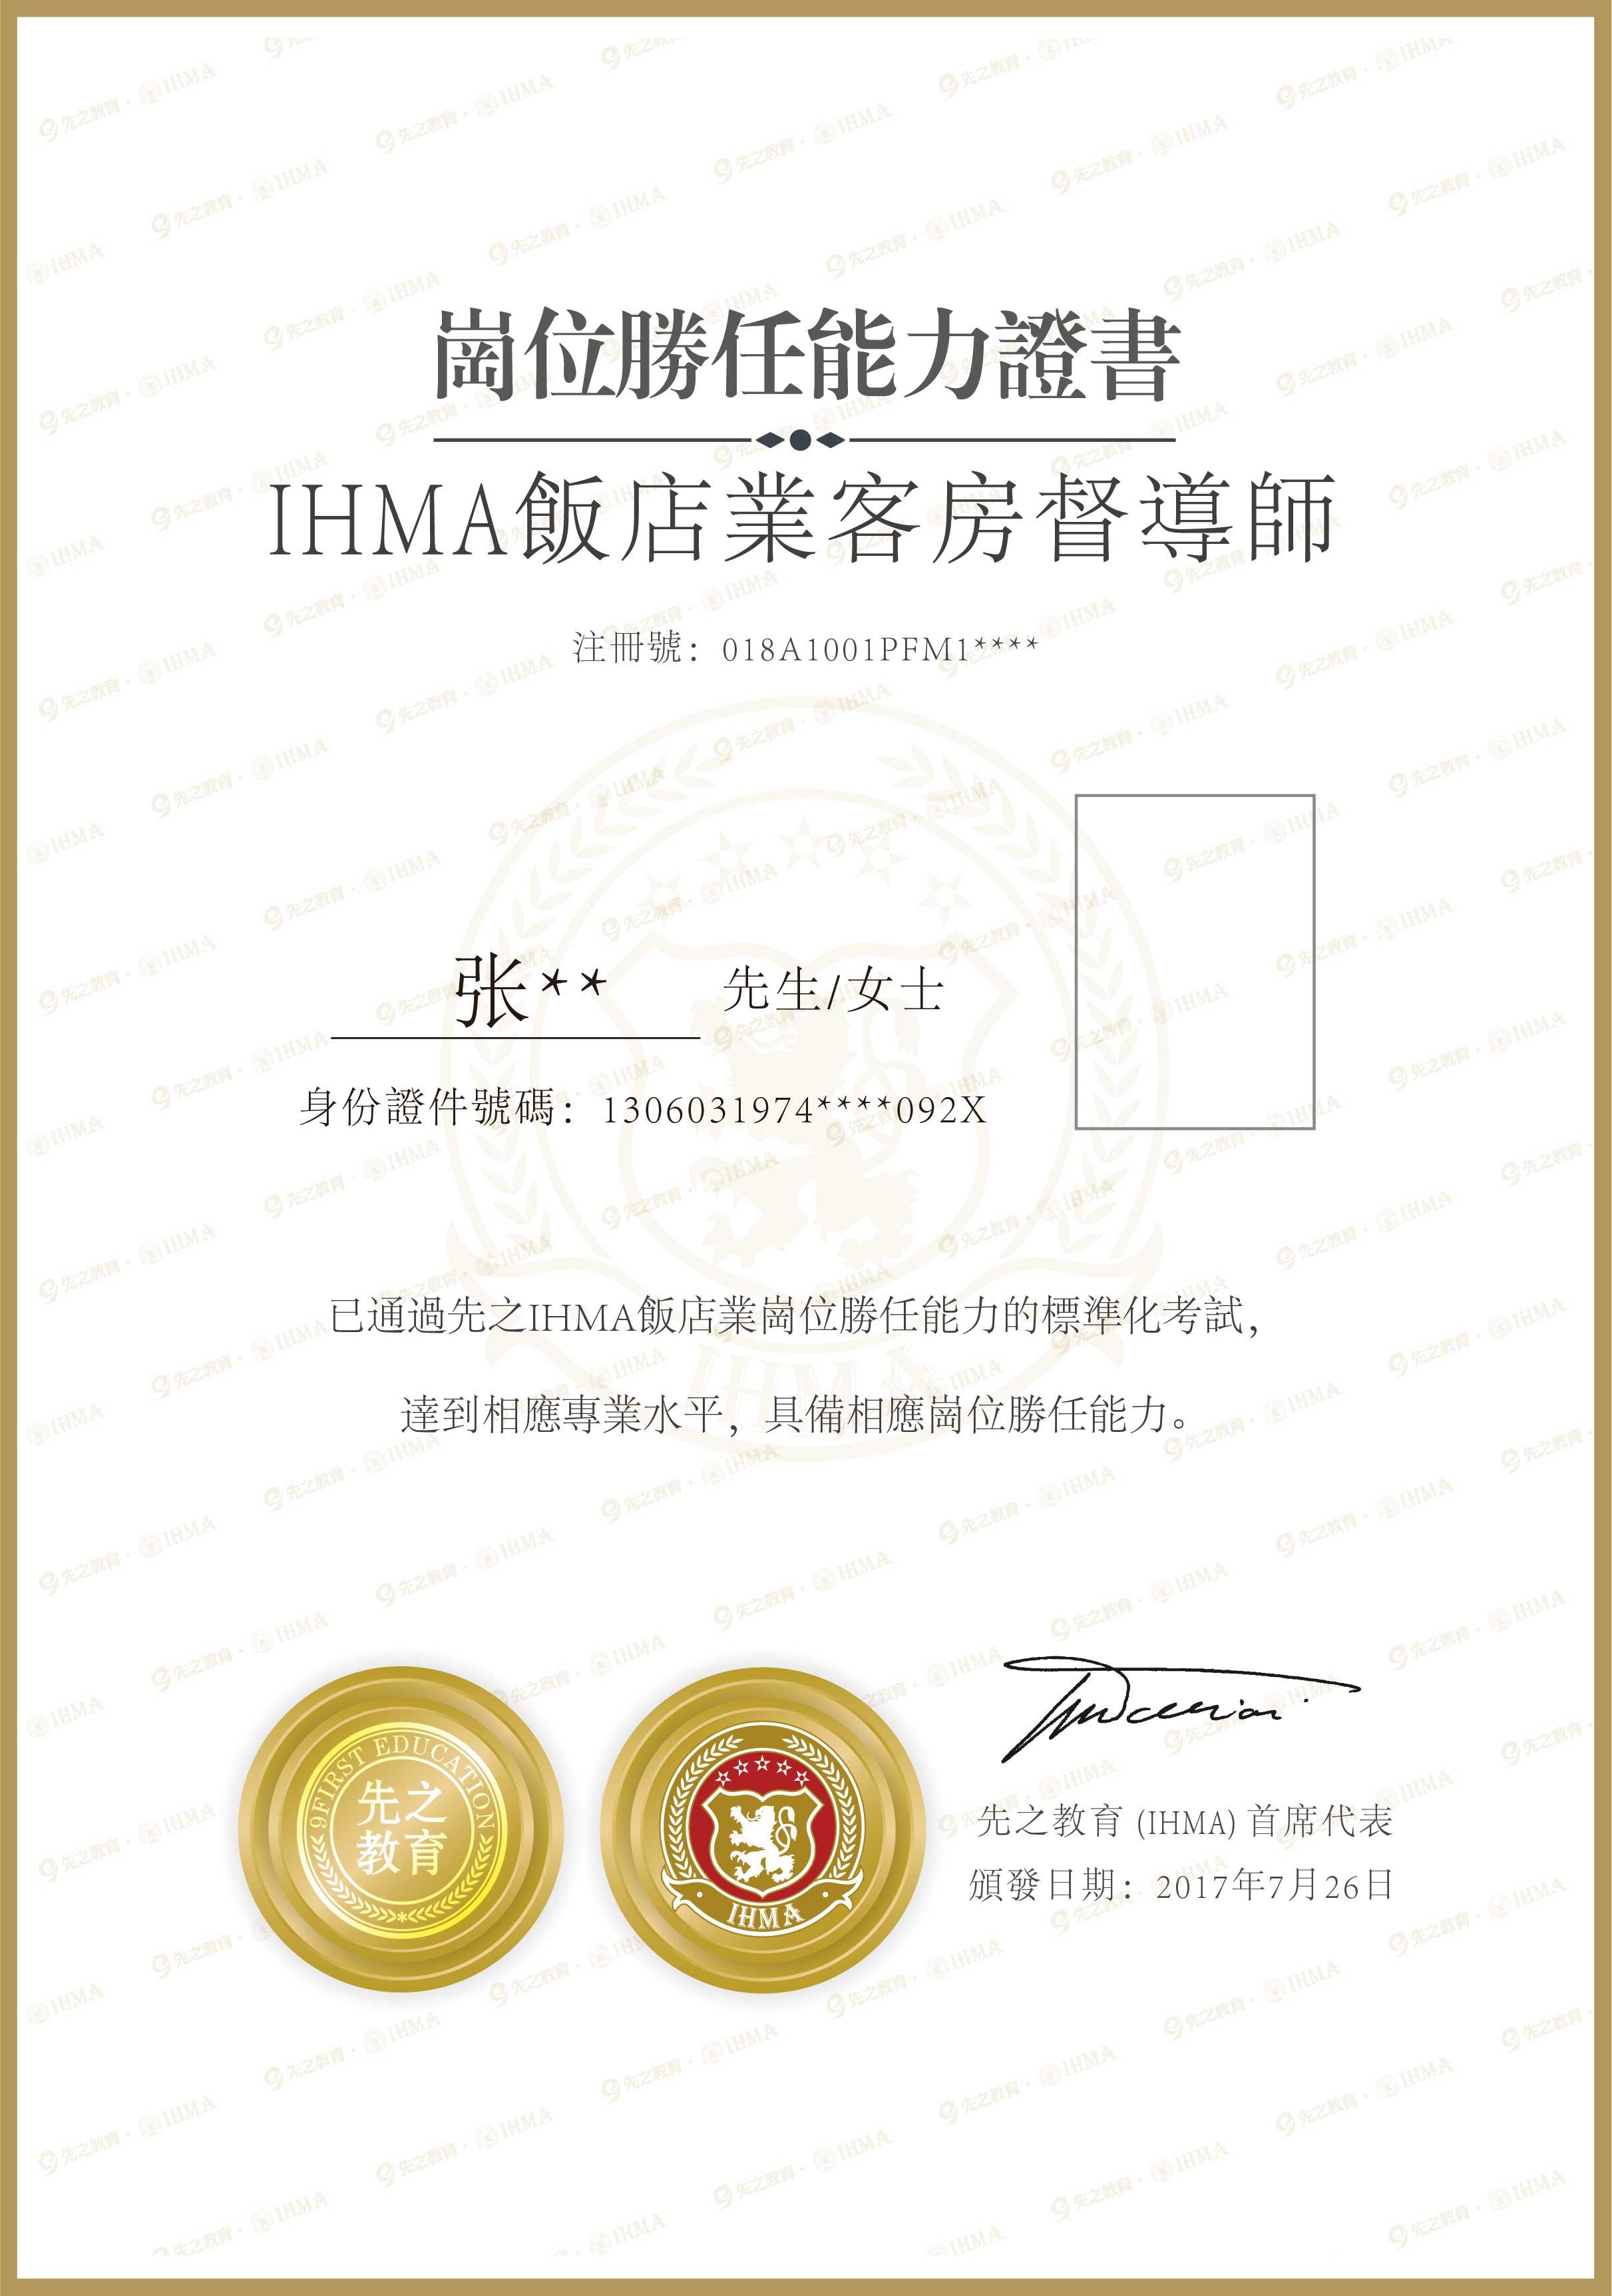 IHMA饭店业客房督导师岗位胜任能力证书